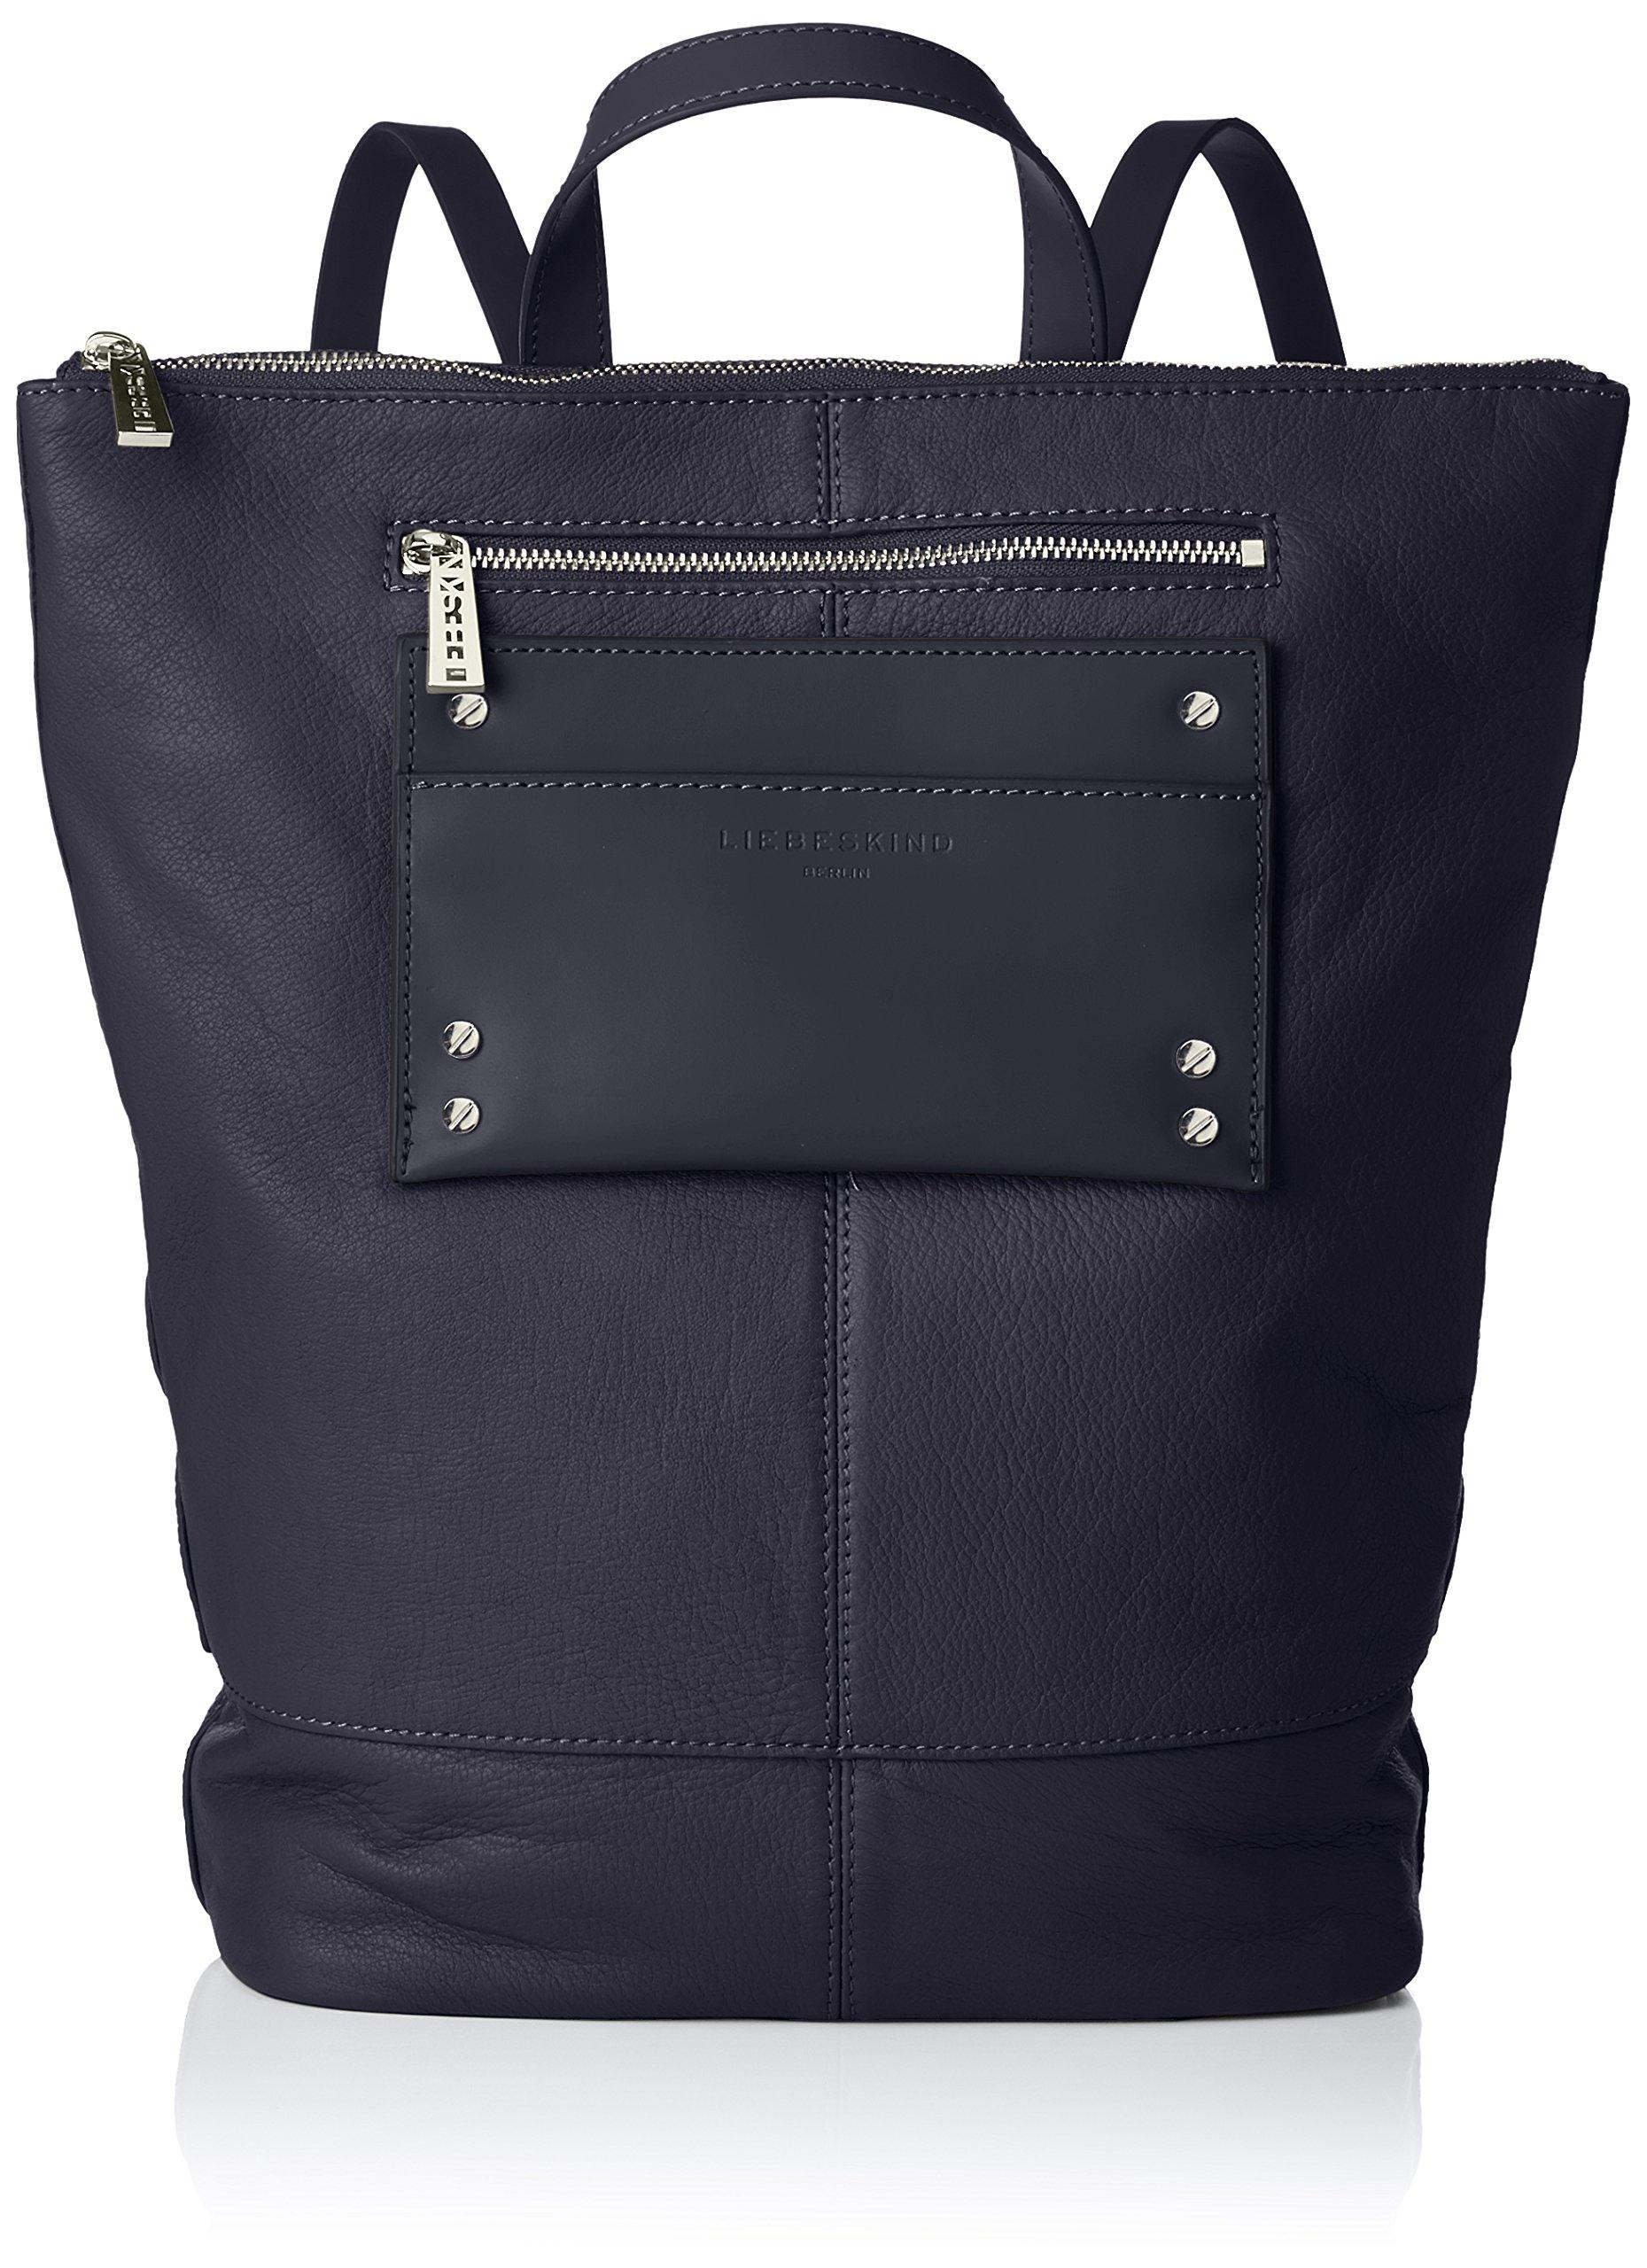 Liebeskind Cmb H 583811x48x36 FemmeBleunavy Backpackm LeisurSac Main En X Bretelles Dos Pour Berlin T Port Blue À KJTl13Fc